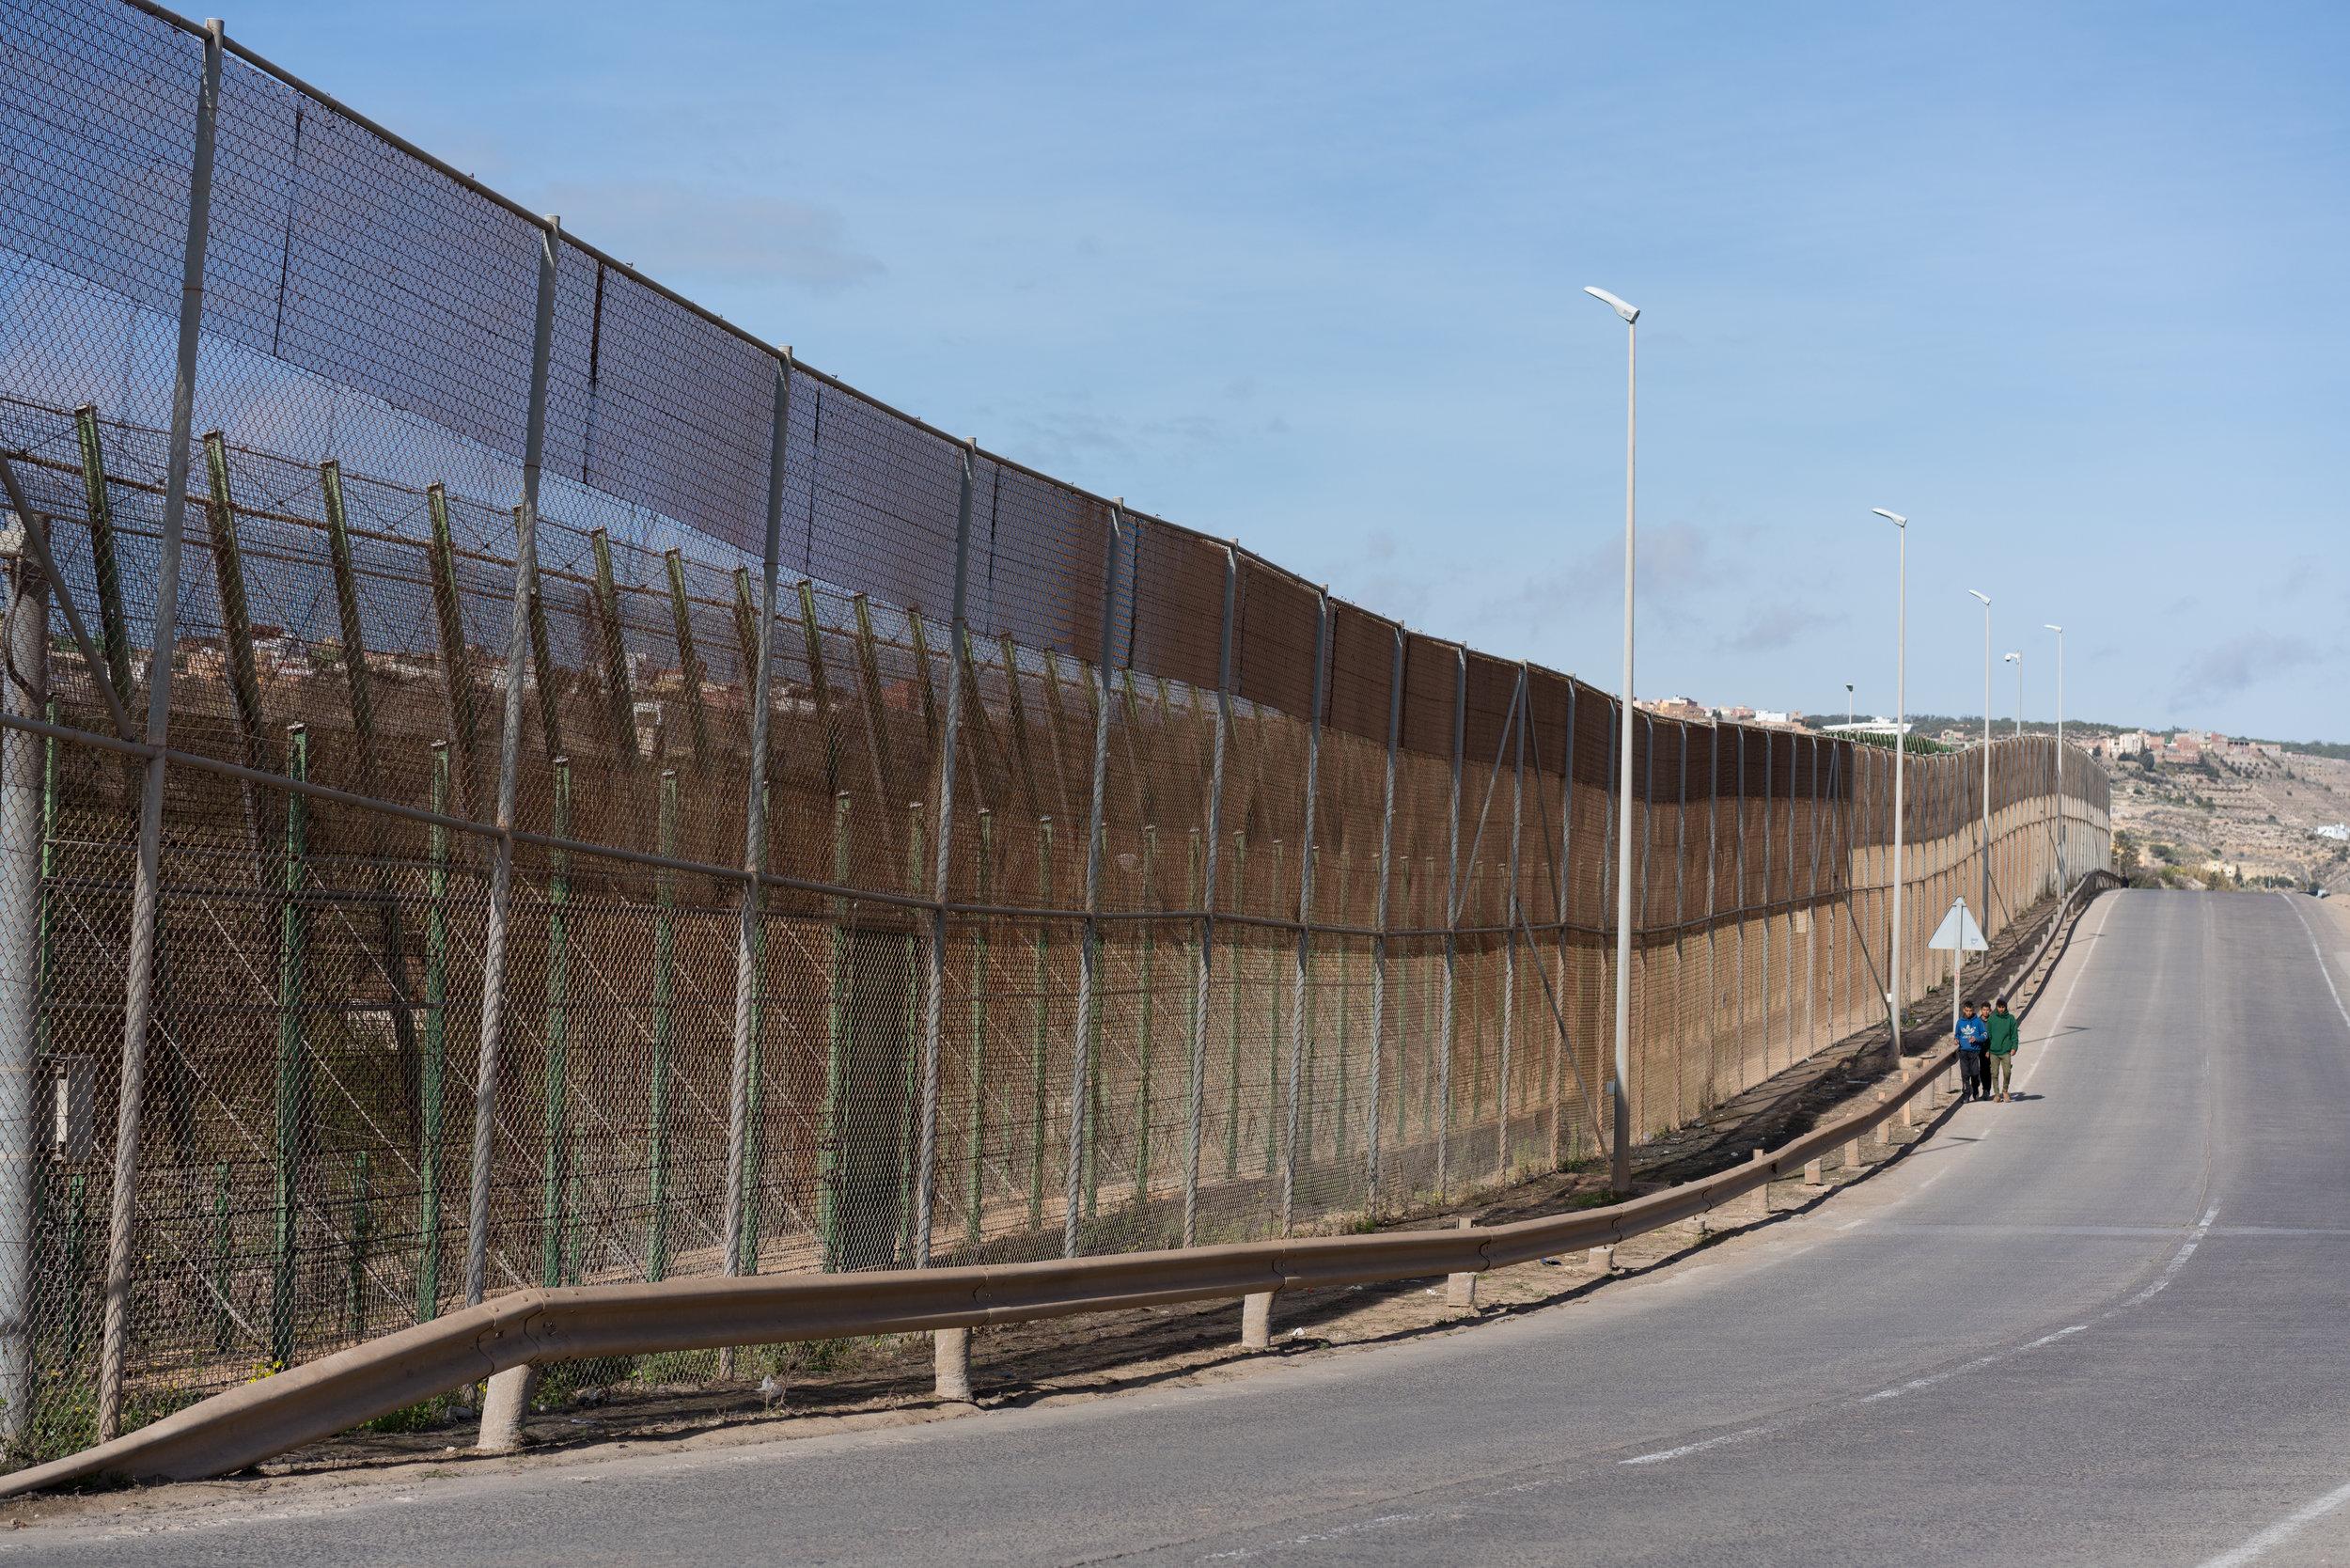 Mennesker på flukt møter stengte grenser i Europa, og hindres tilgang til å søke asyl.  FOTO: UNHCR/Markel Redondo